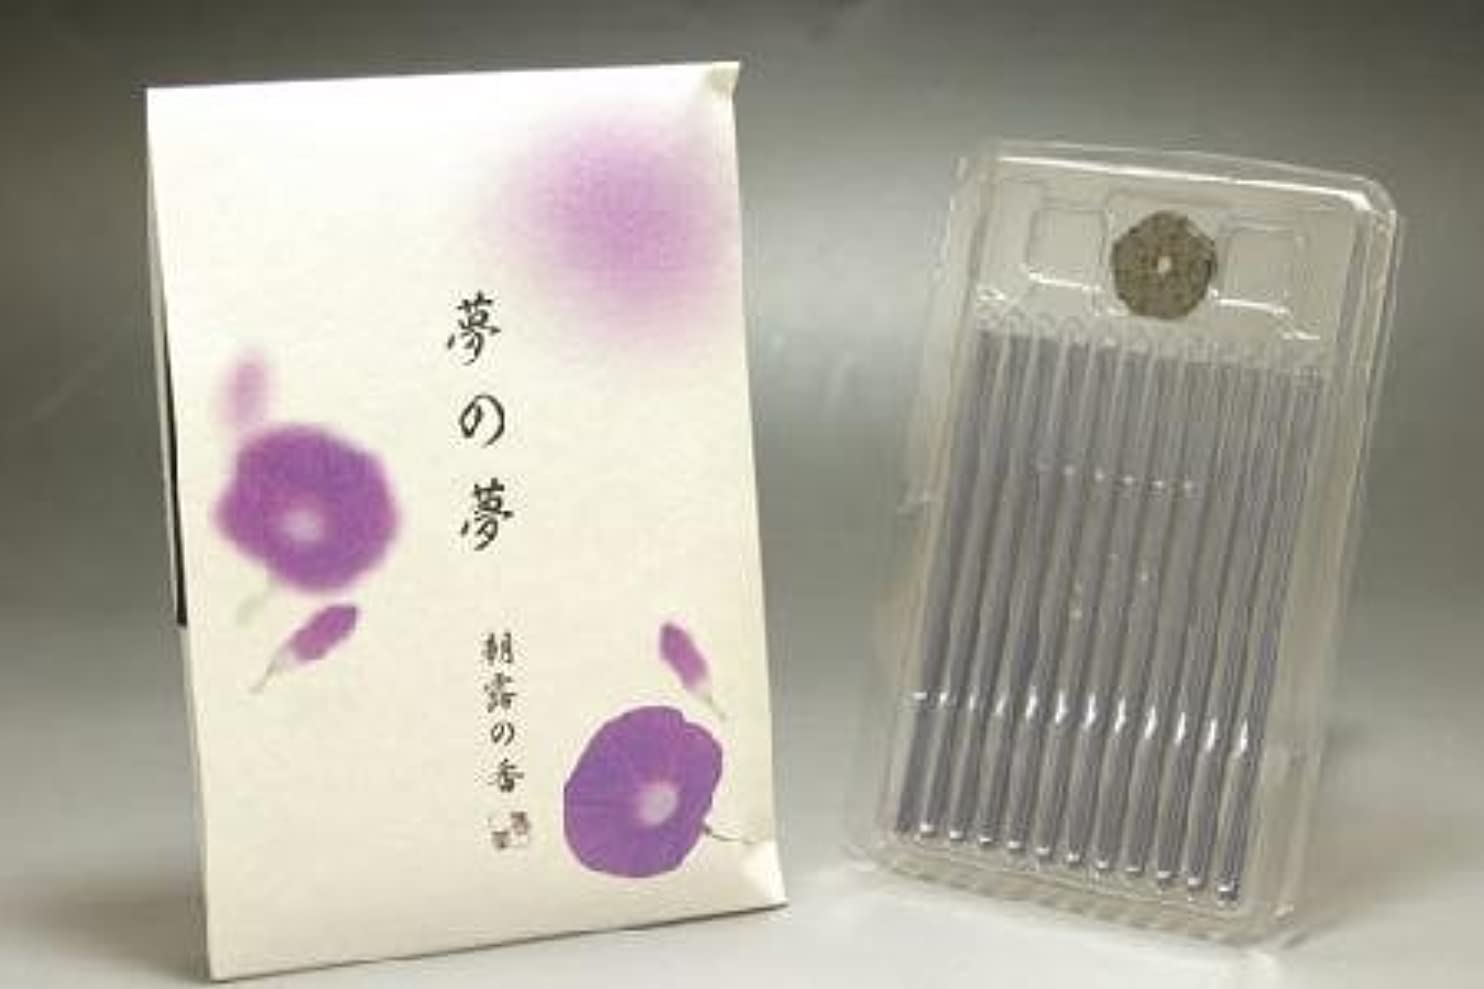 取り消す必須保護日本香堂のお香 夢の夢 朝露(あさつゆ)のお香 スティック型12本入